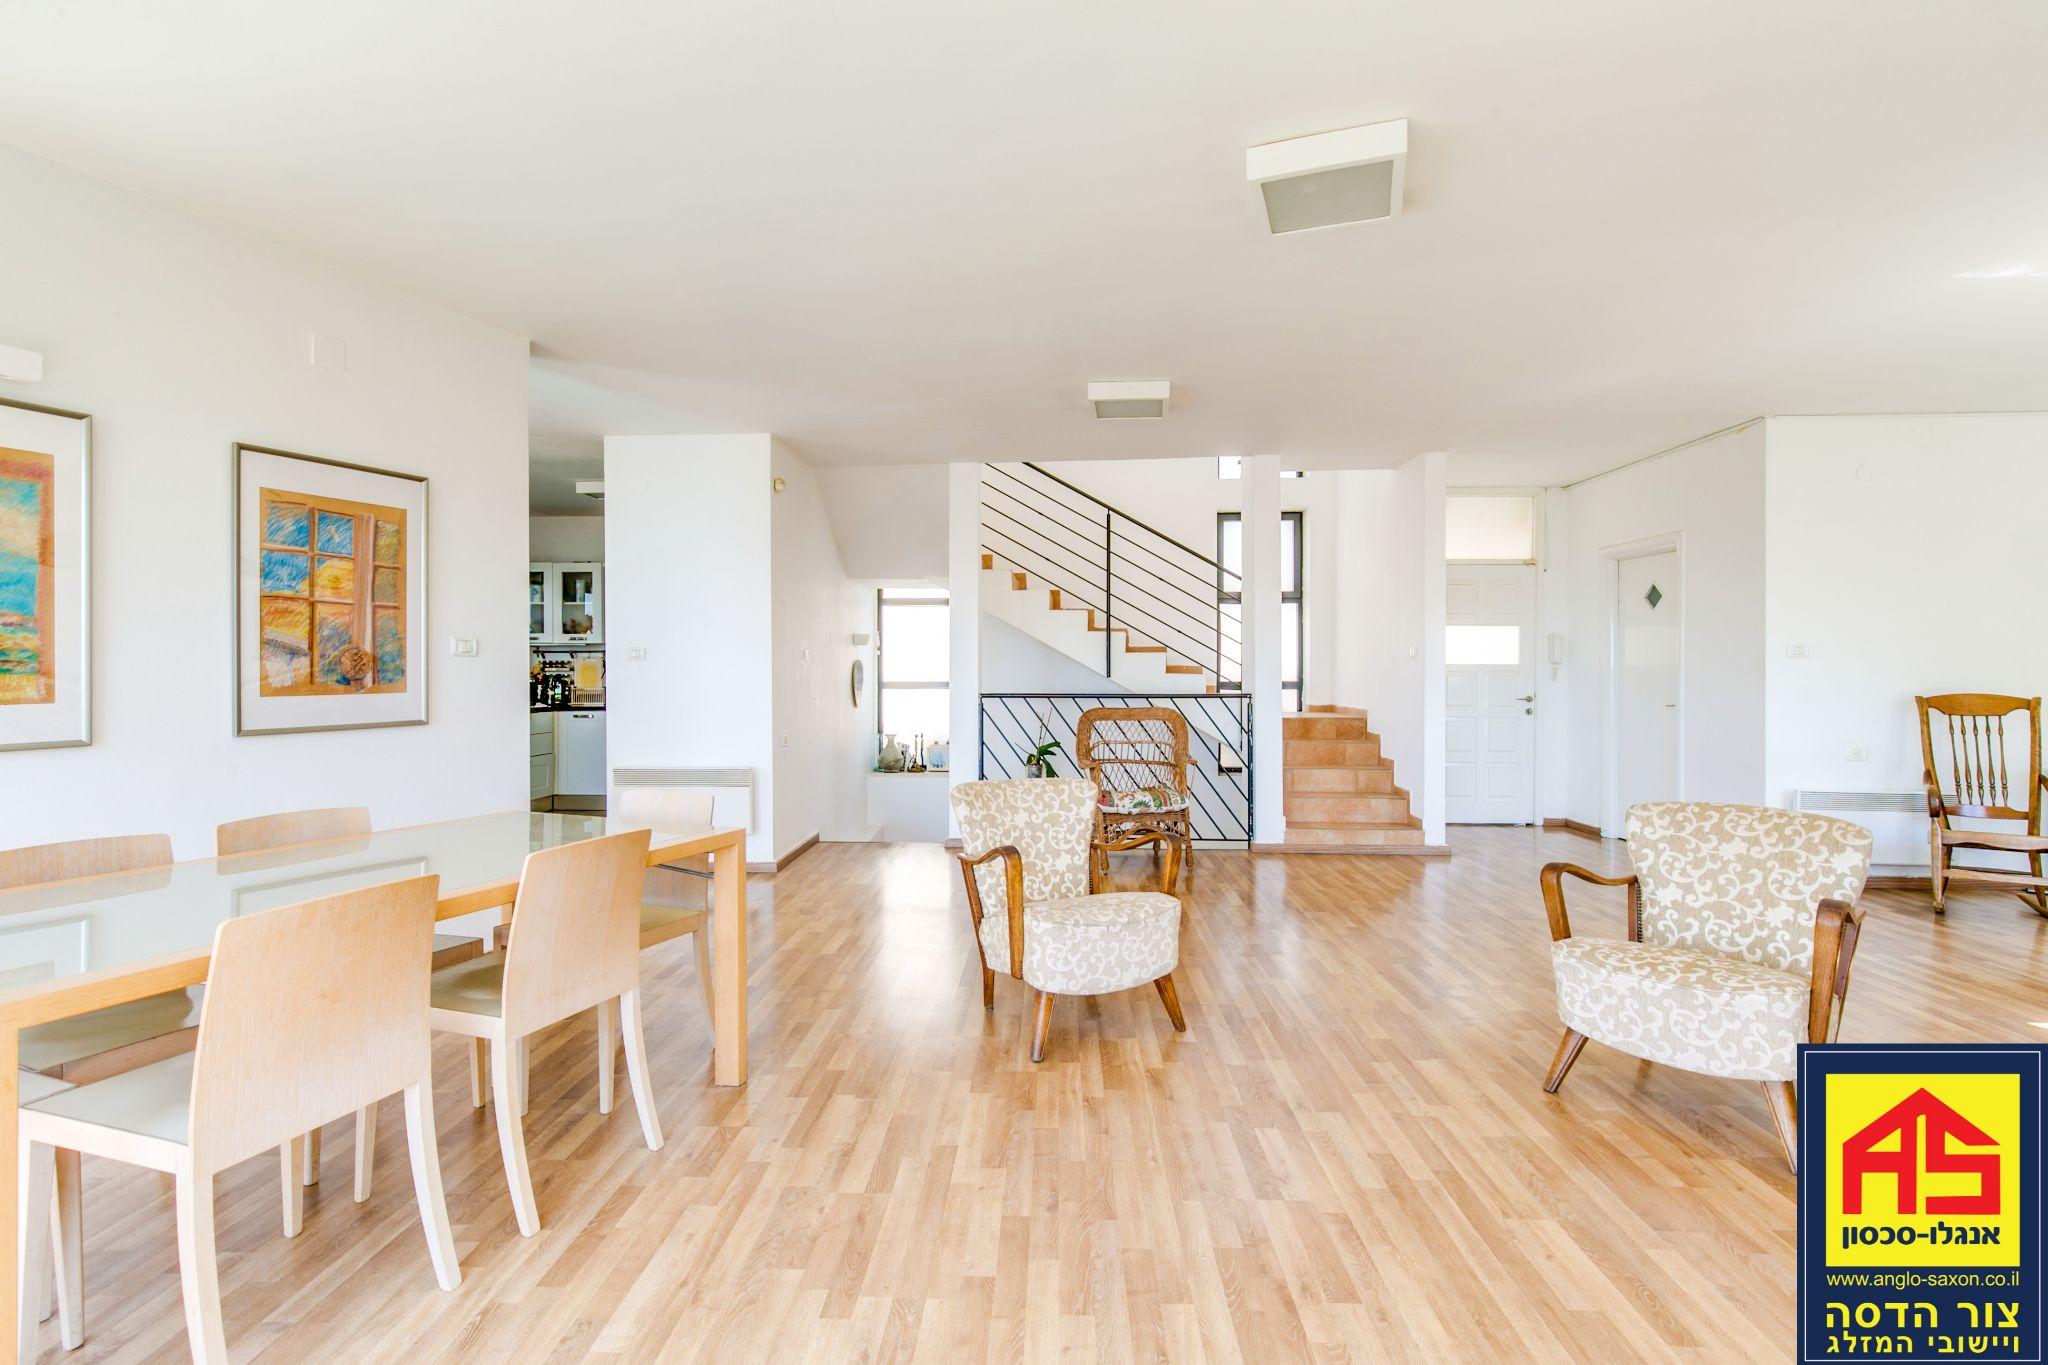 אדיר וילה 6 חדרים בשיטה, המאה, צור הדסה | לוח דירות למכירה - אנגלו סכסון TM-46